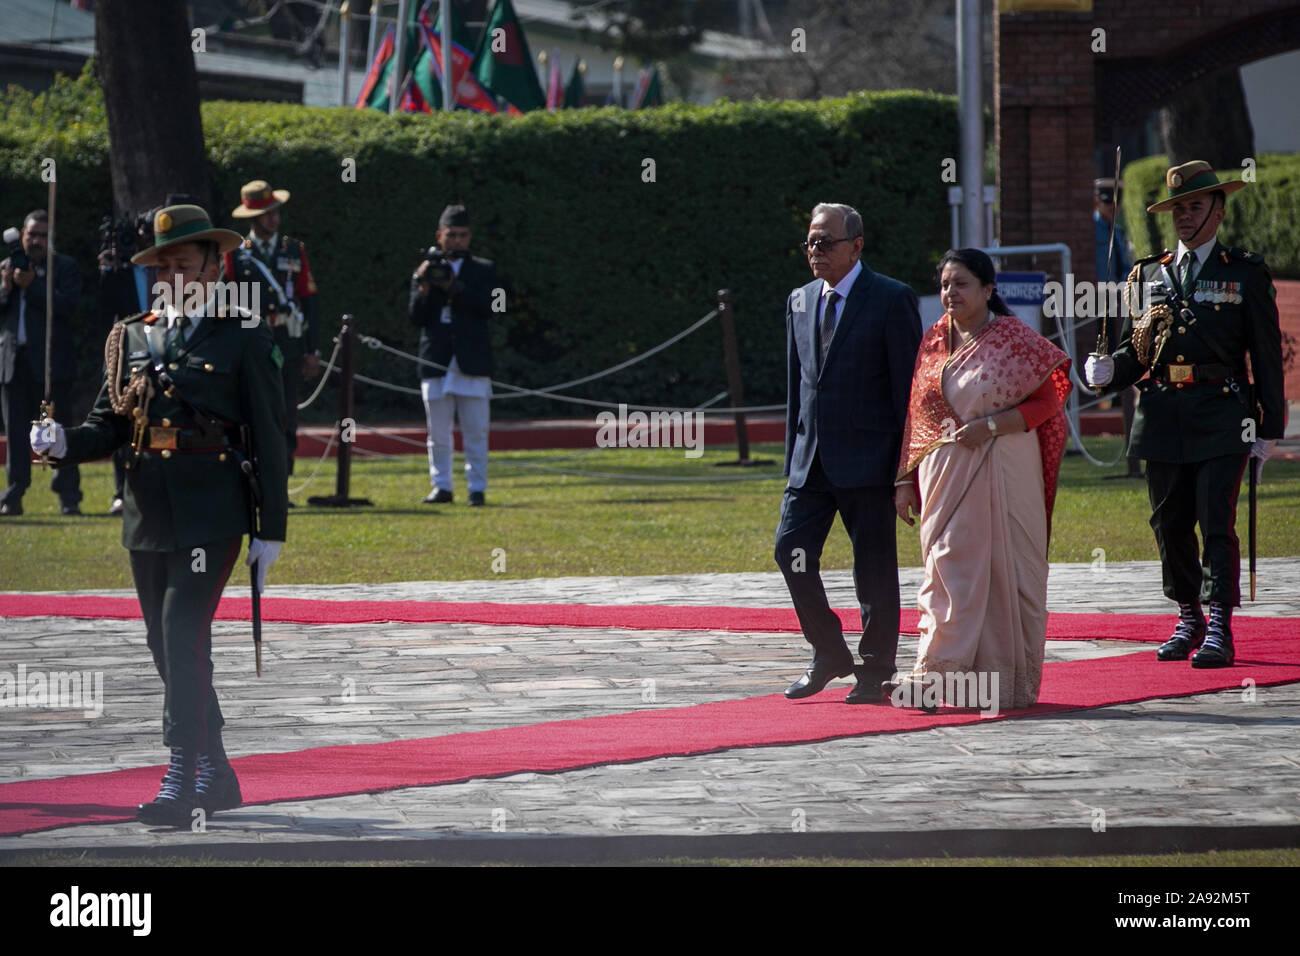 Katmandou, Népal. 20 Nov, 2019. Le président du Bangladesh, Abdul Hamid (C, à gauche) et le président du Népal, Bidhya Devi Bhandari (C, à droite) a reçu par la garde d'honneur au cours d'une cérémonie d'accueil à l'aéroport international de Tribhuvan. Le président du Bangladesh est sur une bonne volonté officielle de trois jours à visiter le Népal à l'invitation du président du Népal. Credit: SOPA/Alamy Images Limited Live News Banque D'Images